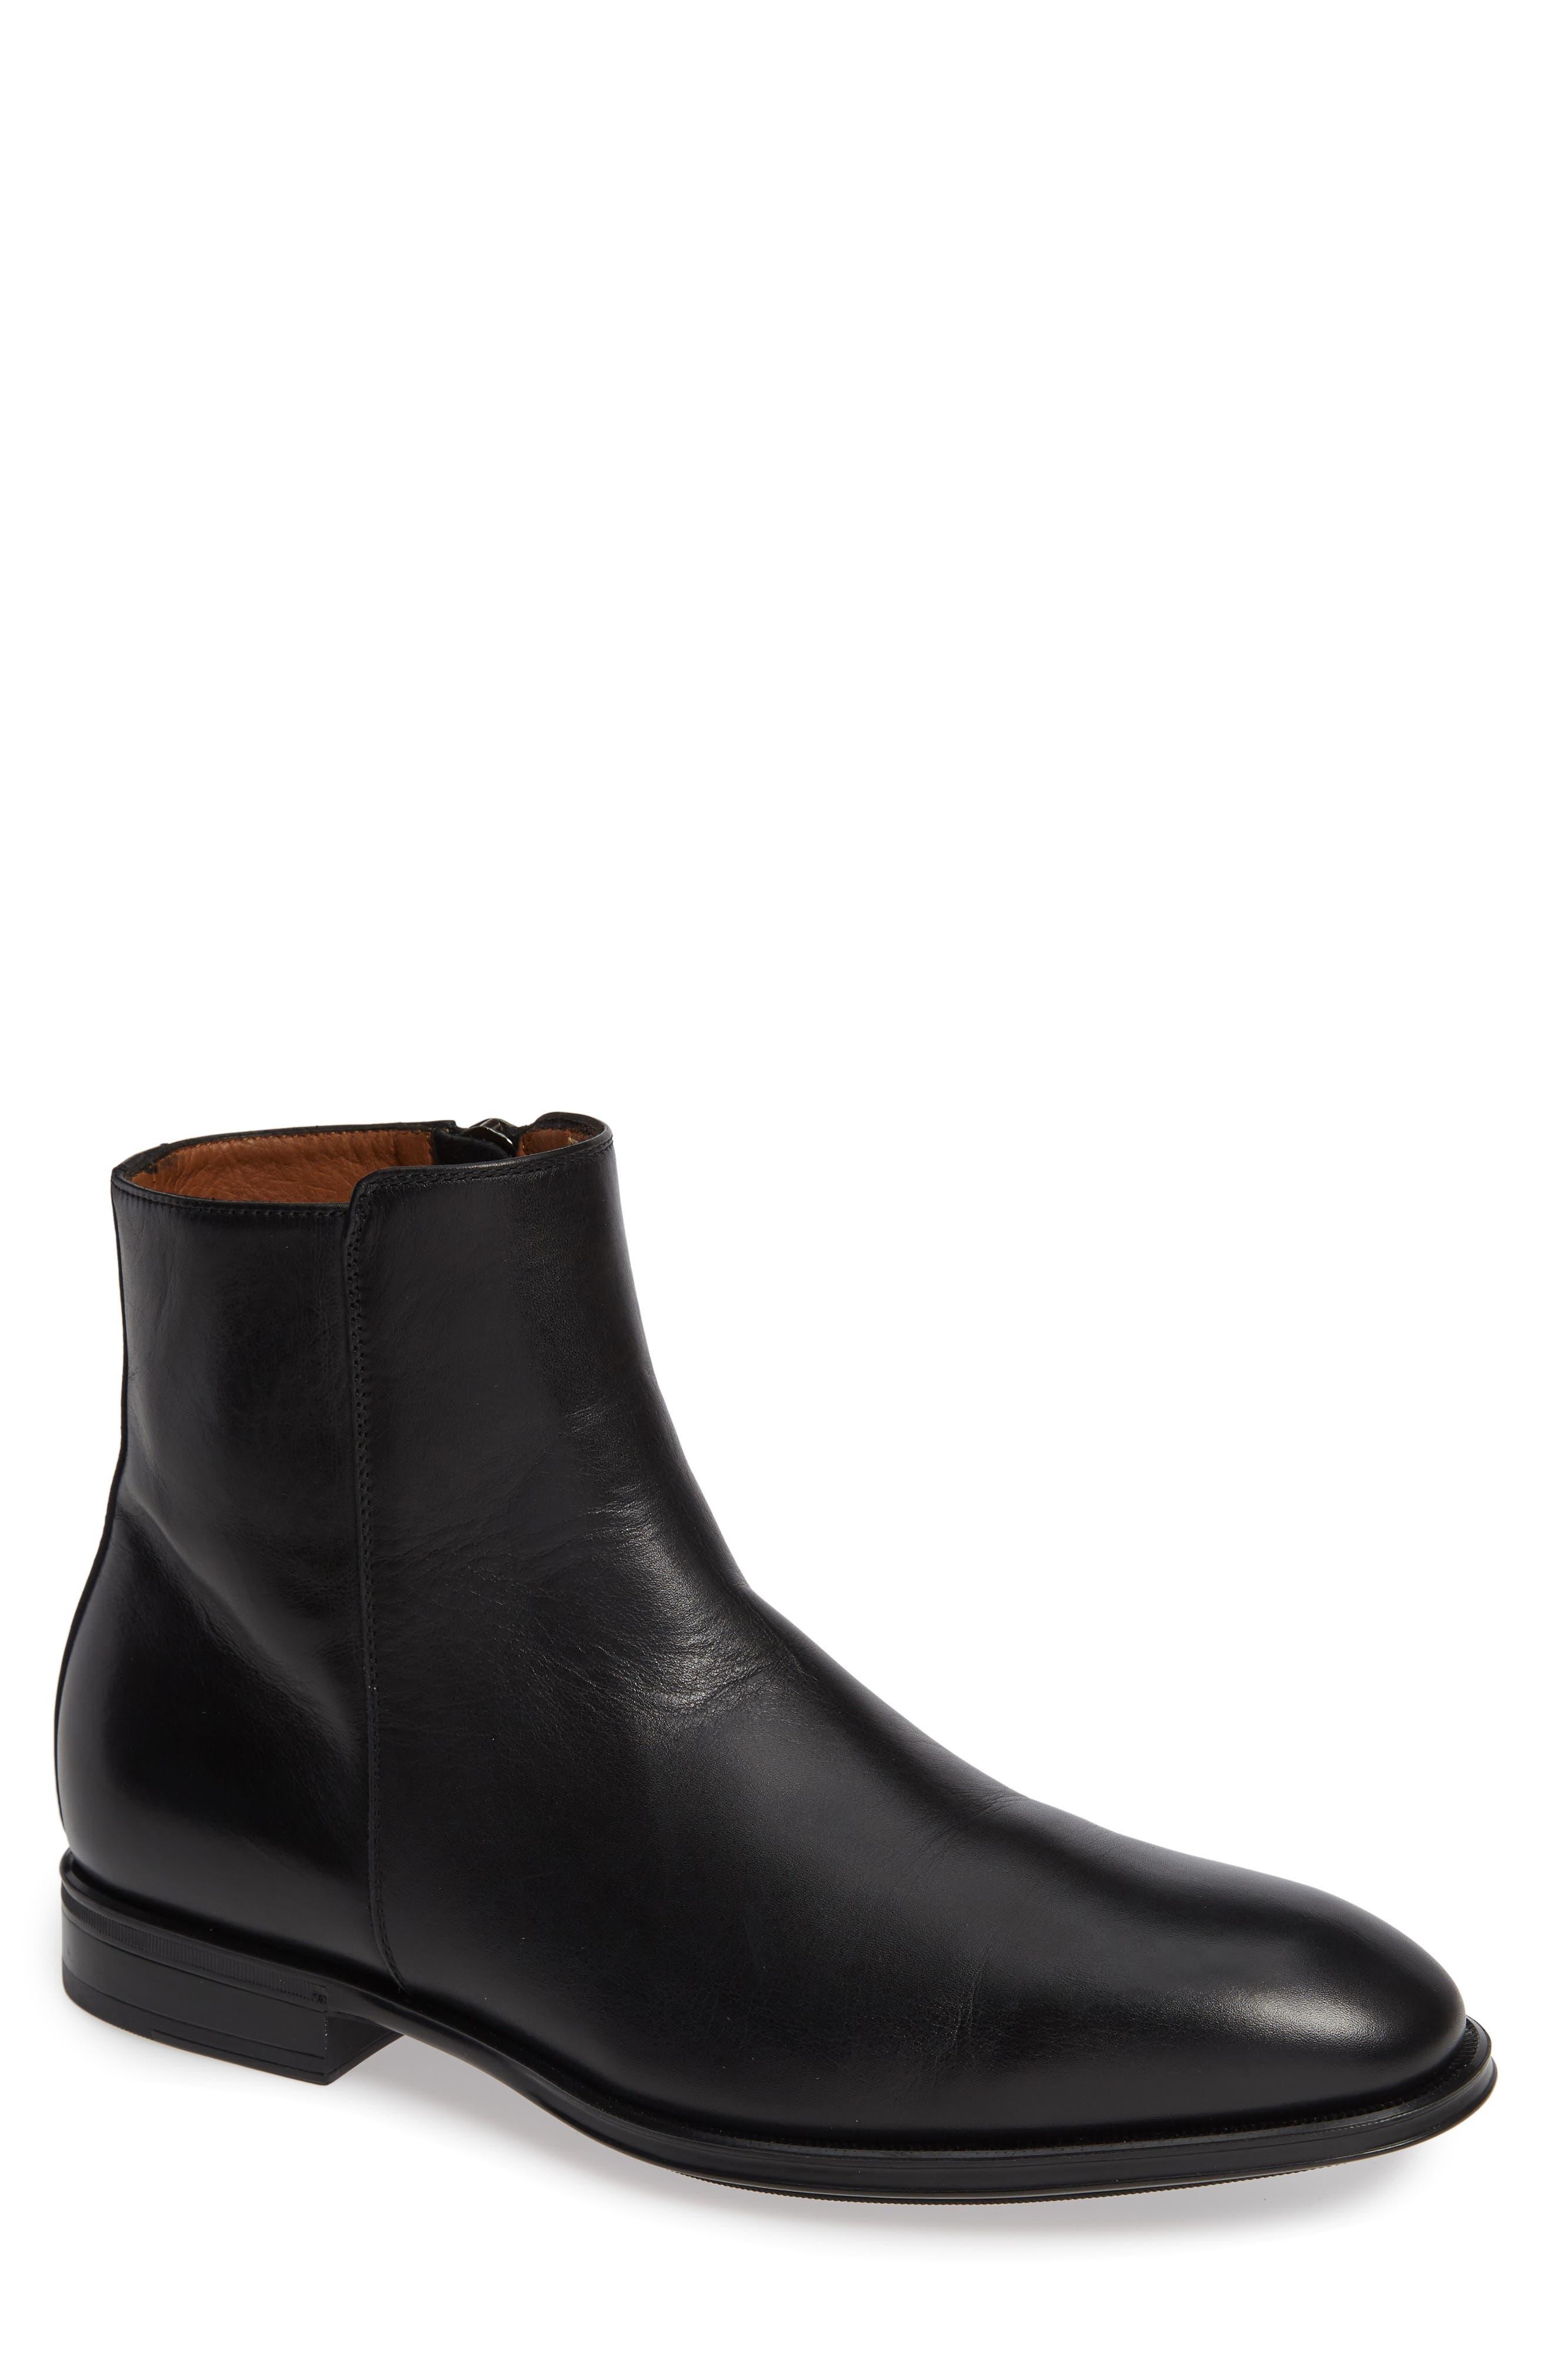 Daniel Weatherproof Zip Boot,                         Main,                         color, BLACK